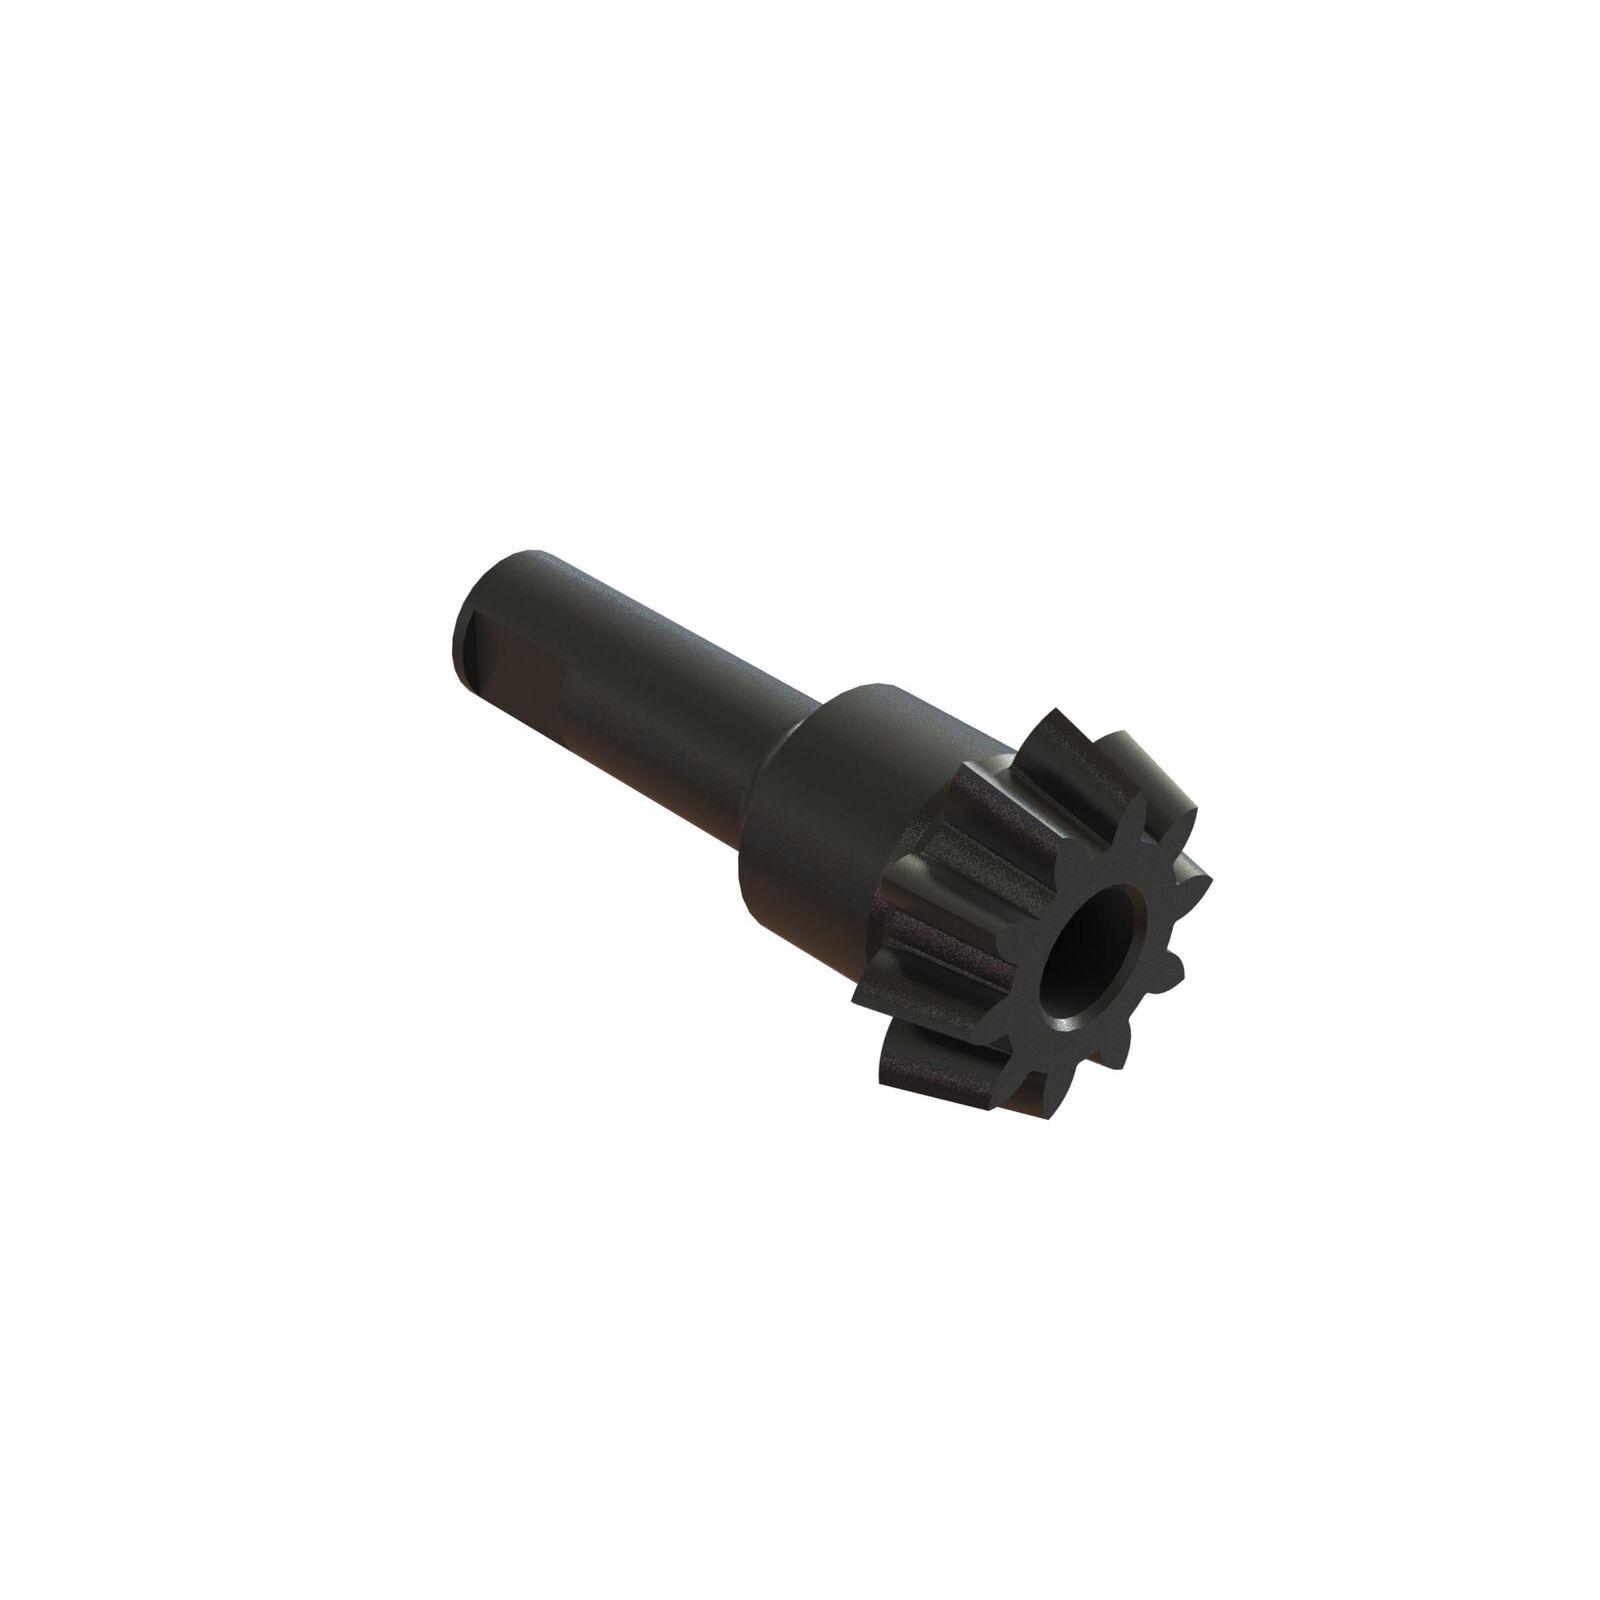 Main Input Gear 10T Spiral Cut Safe-D